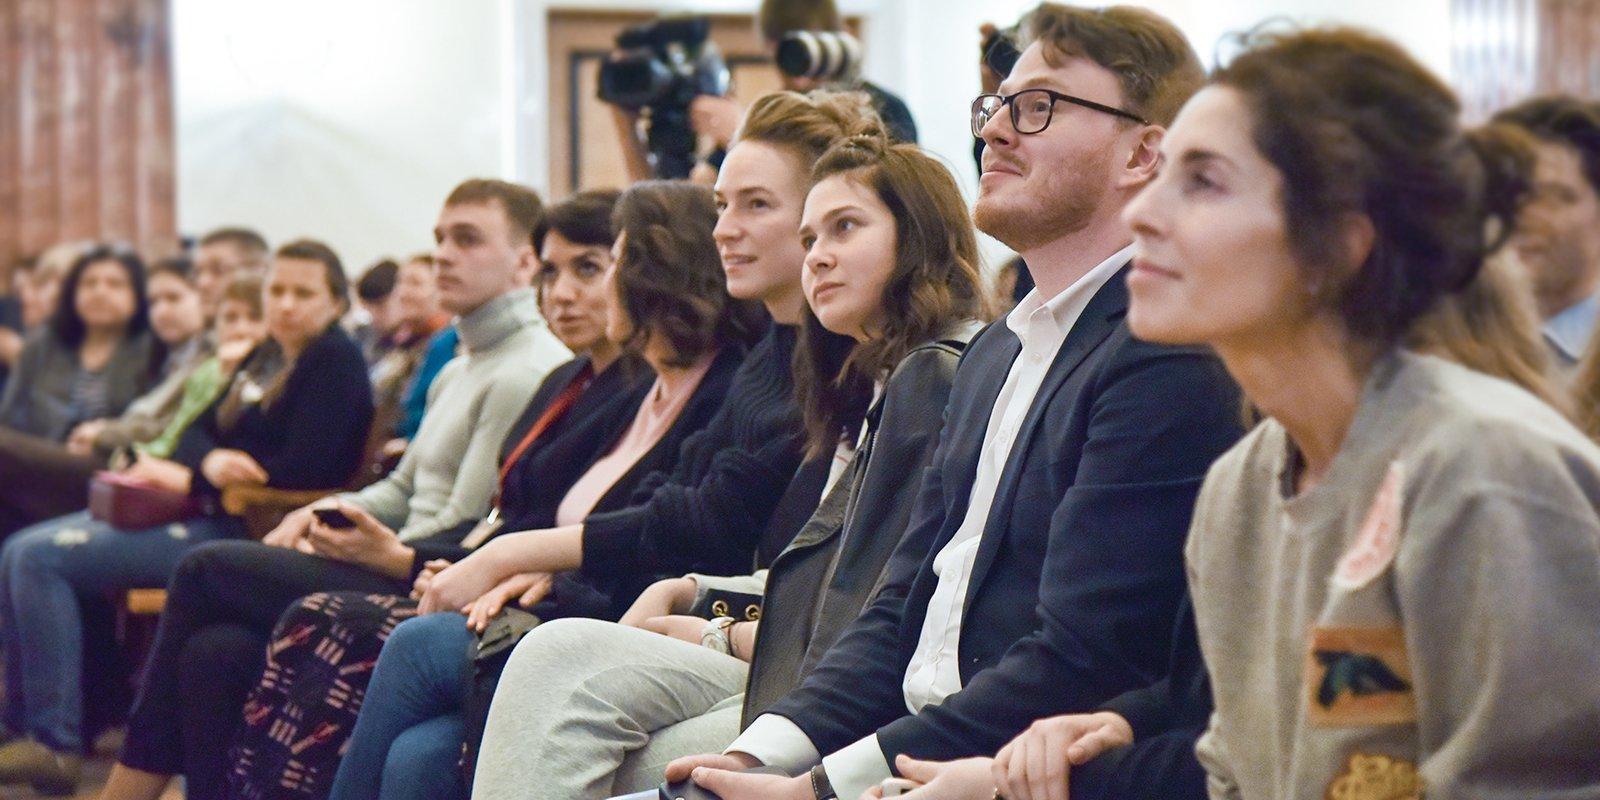 Детективно-тематическую игру «Мафия» организуют сотрудники Культурного центра «Ватутинки» в Десеновском